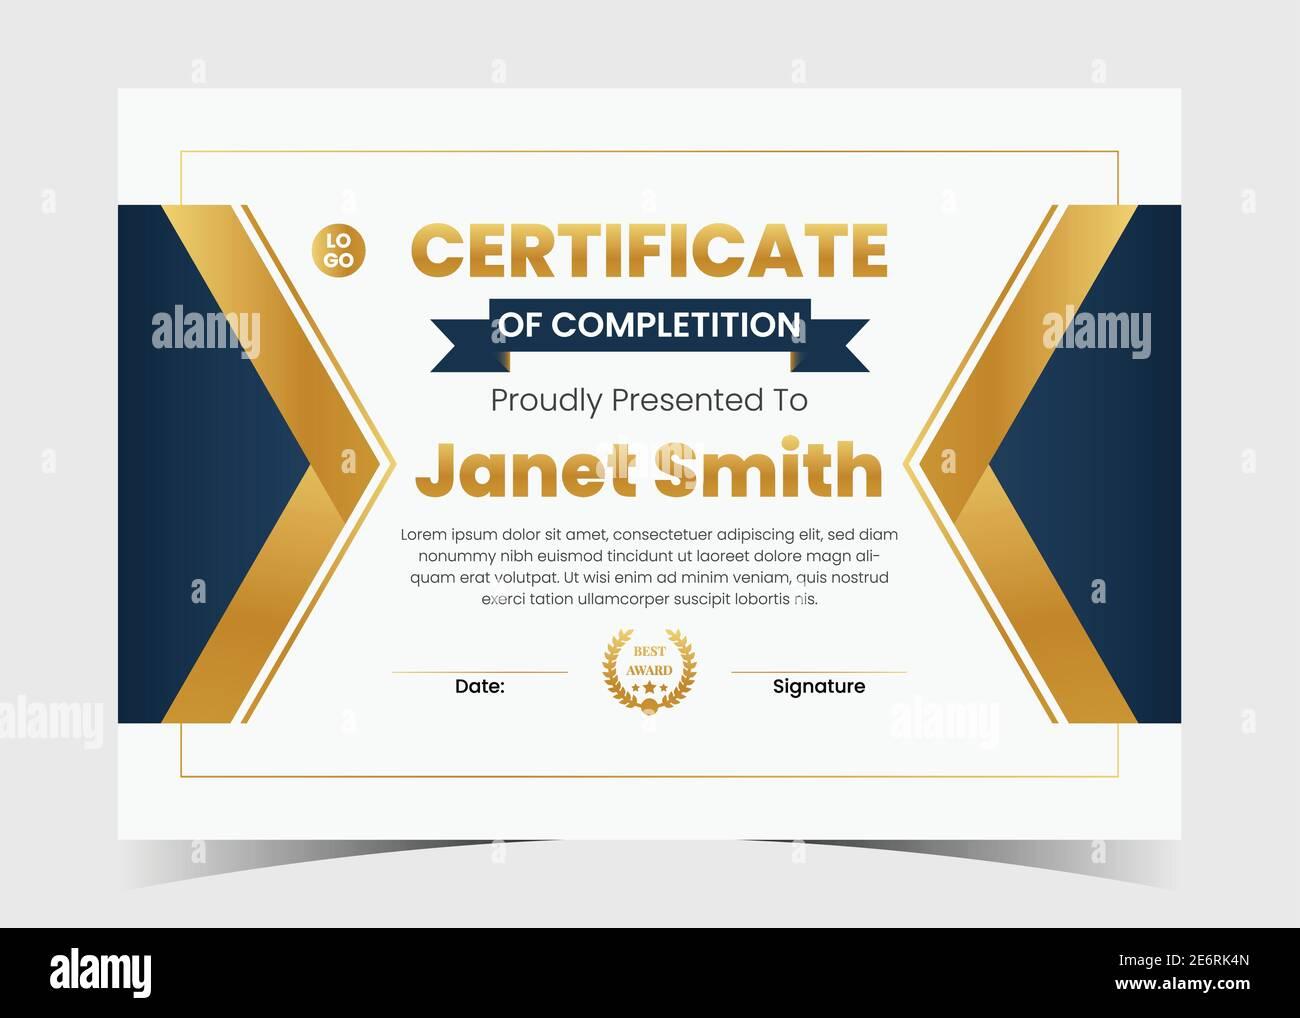 modern certificate template. certificate design, certificate Throughout Award Certificate Design Template